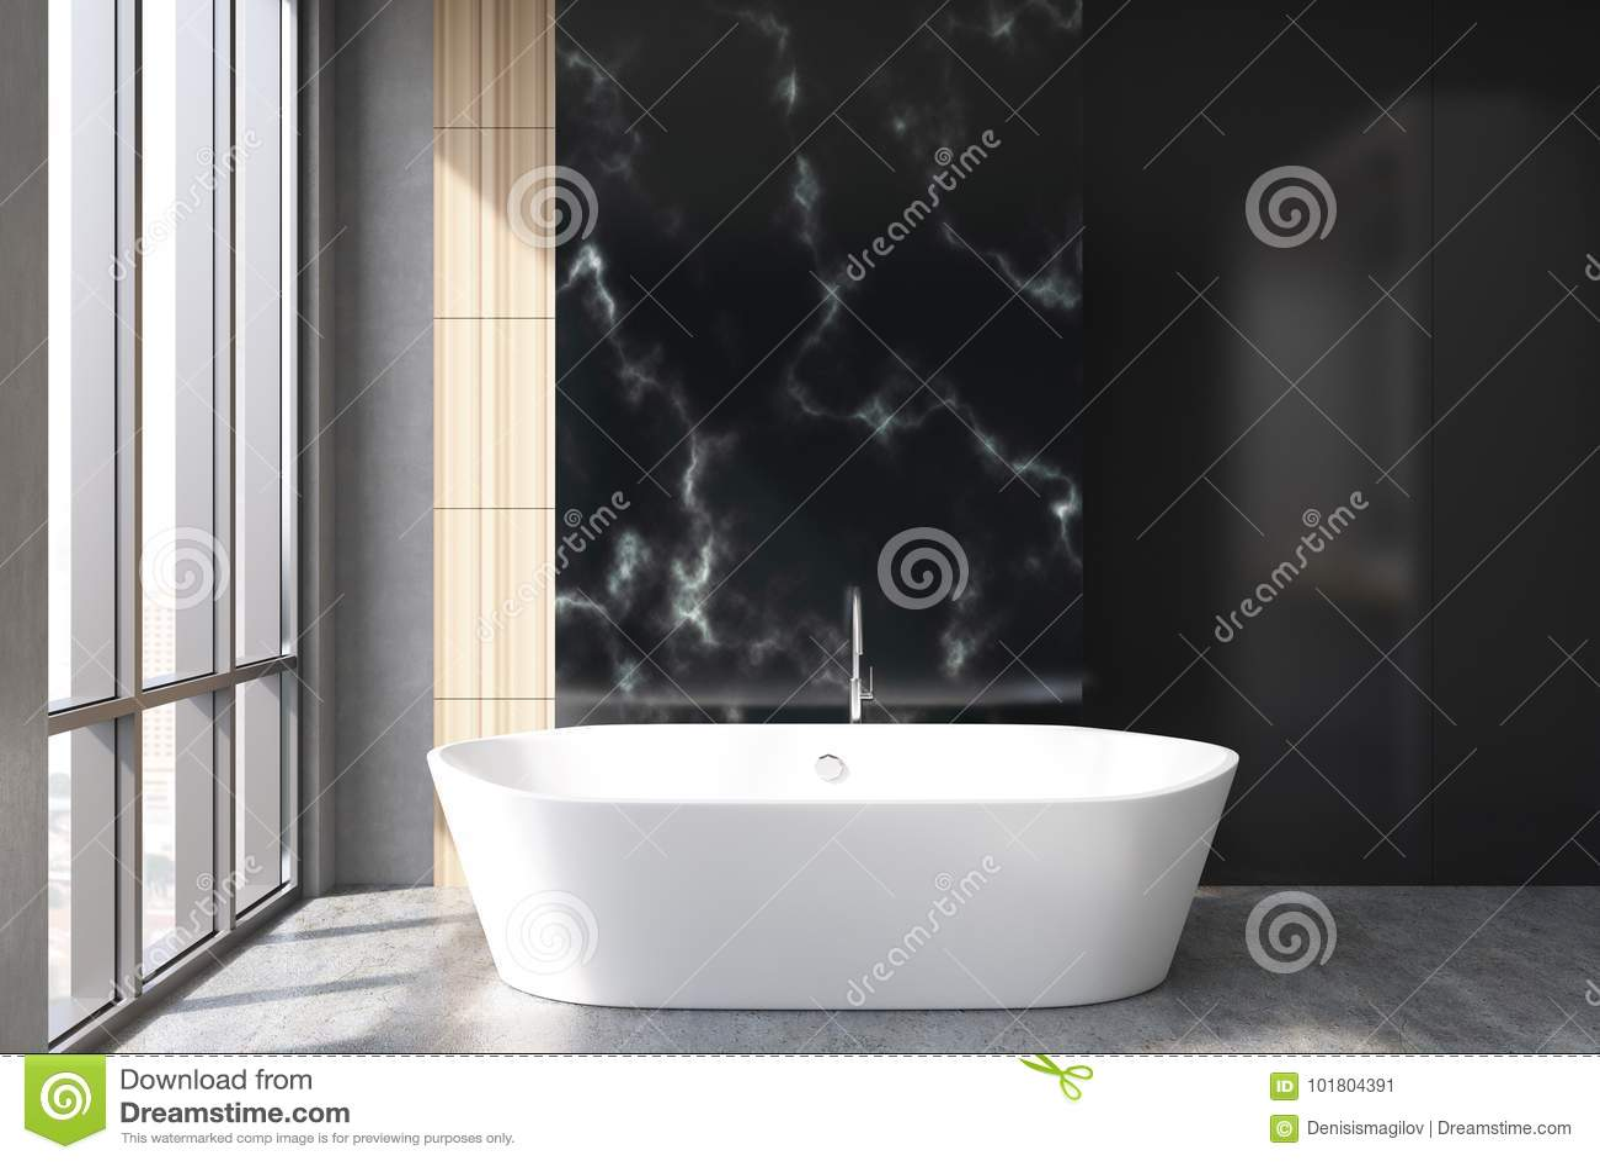 Bagni In Marmo Nero : Bagno di marmo nero vasca illustrazione di stock. illustrazione di